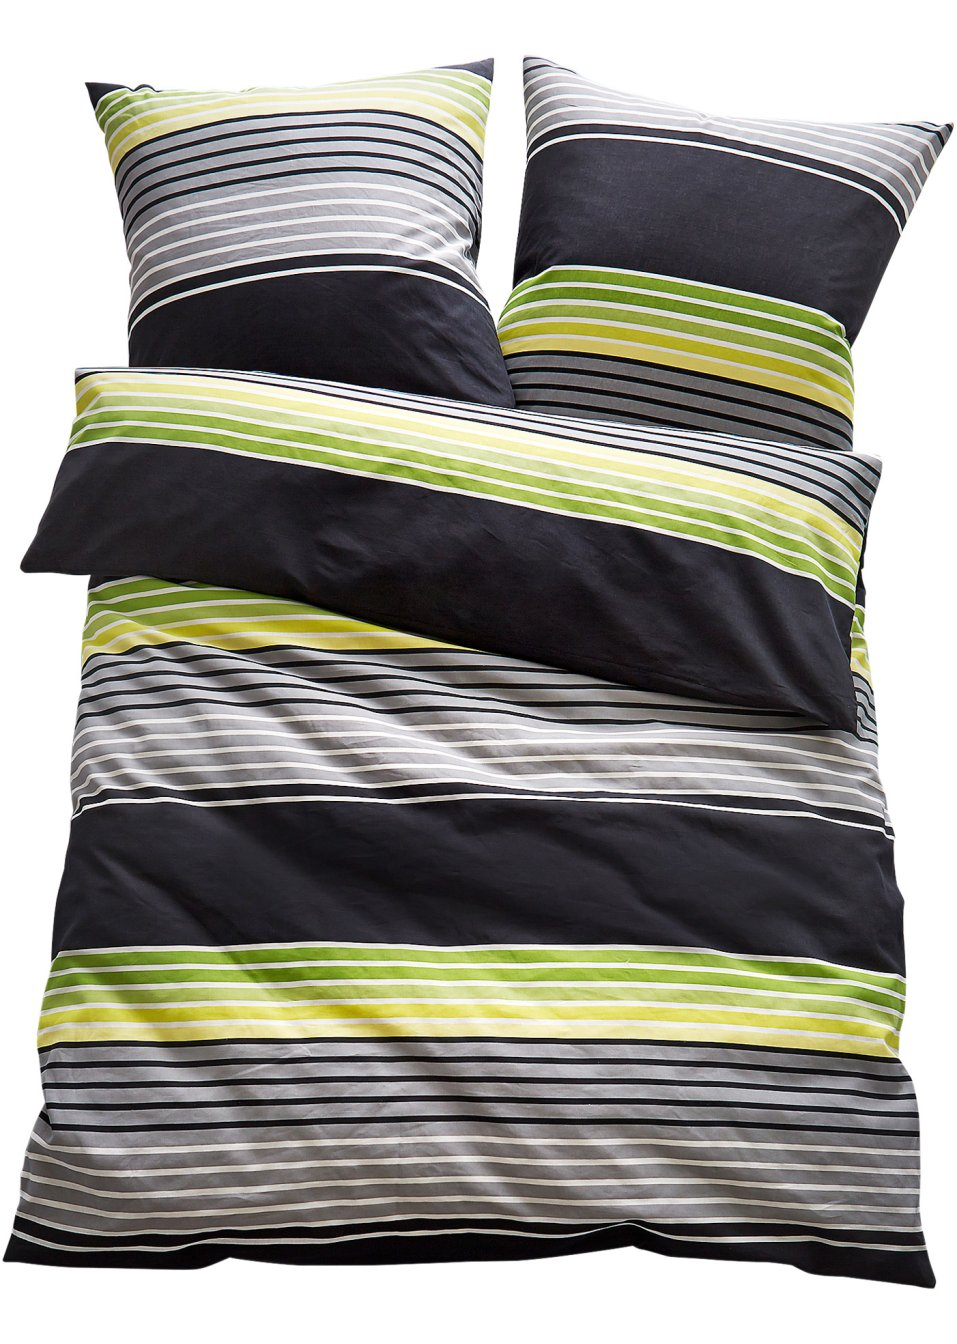 moderner streifenlook die bettw sche gerry gr n jersey. Black Bedroom Furniture Sets. Home Design Ideas